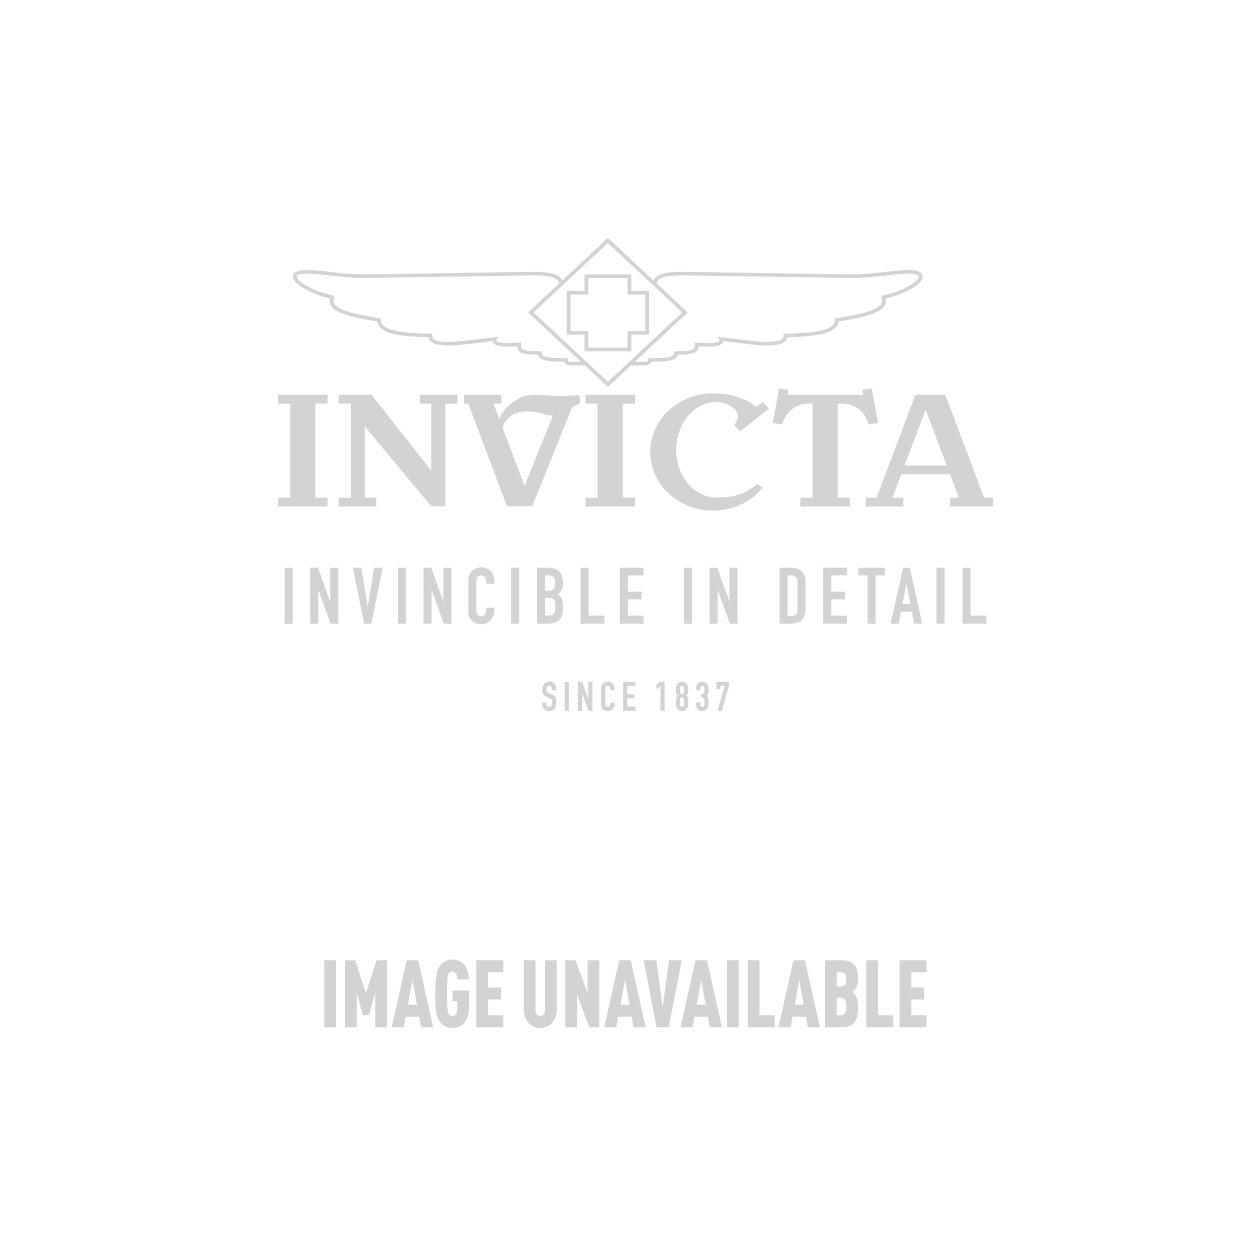 Invicta Model 29135